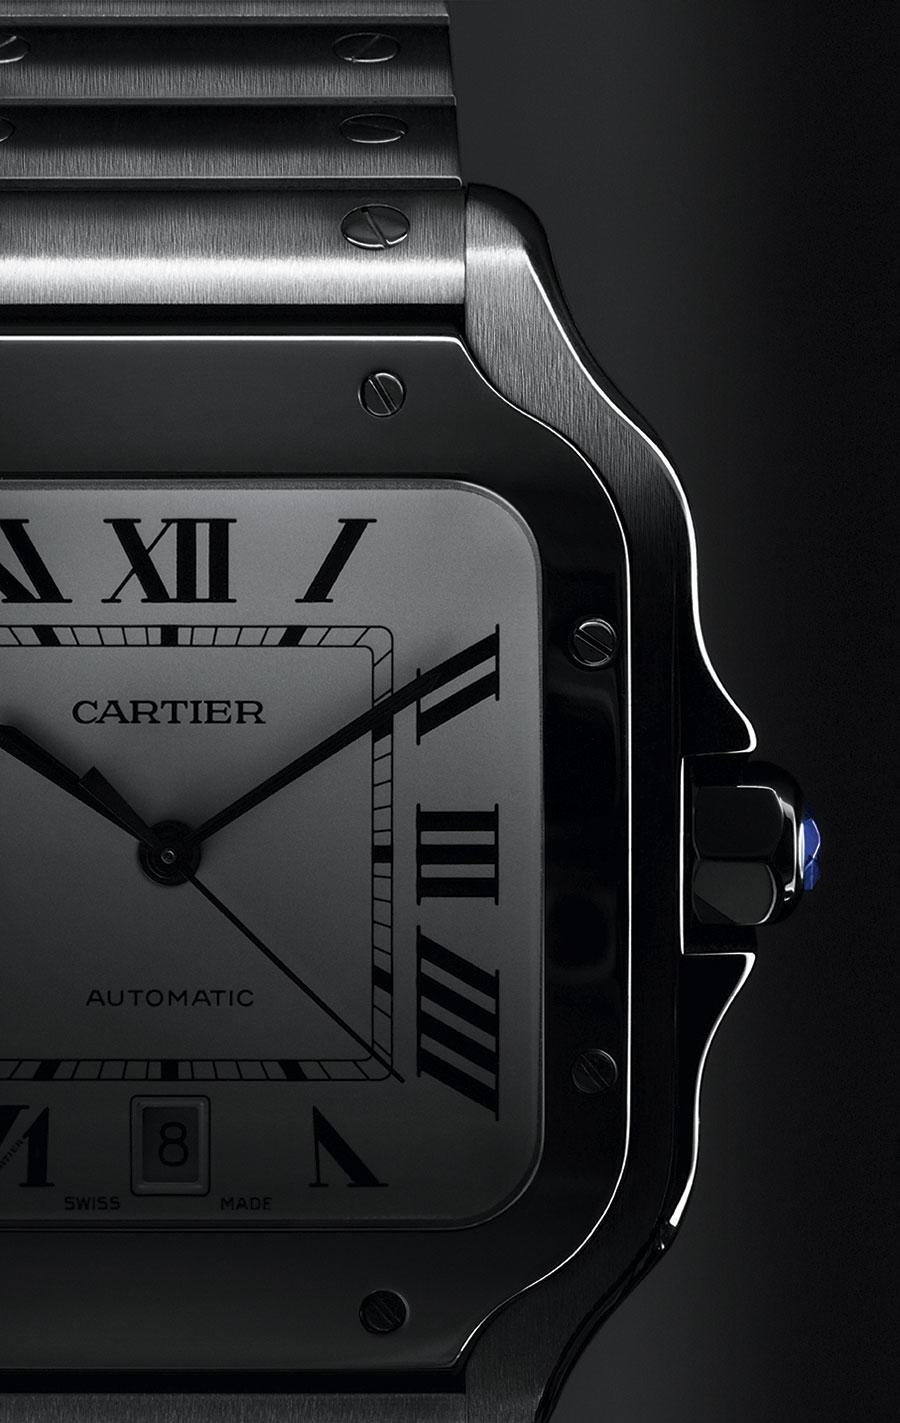 Santos - Cartier: Numeri romani neri su quadrante chiaro. E il classico spinello sintetico blu incastonato nella corona. Questa la scelta di Cartier per le referenze del suo rinnovato Santos in versione 2018.